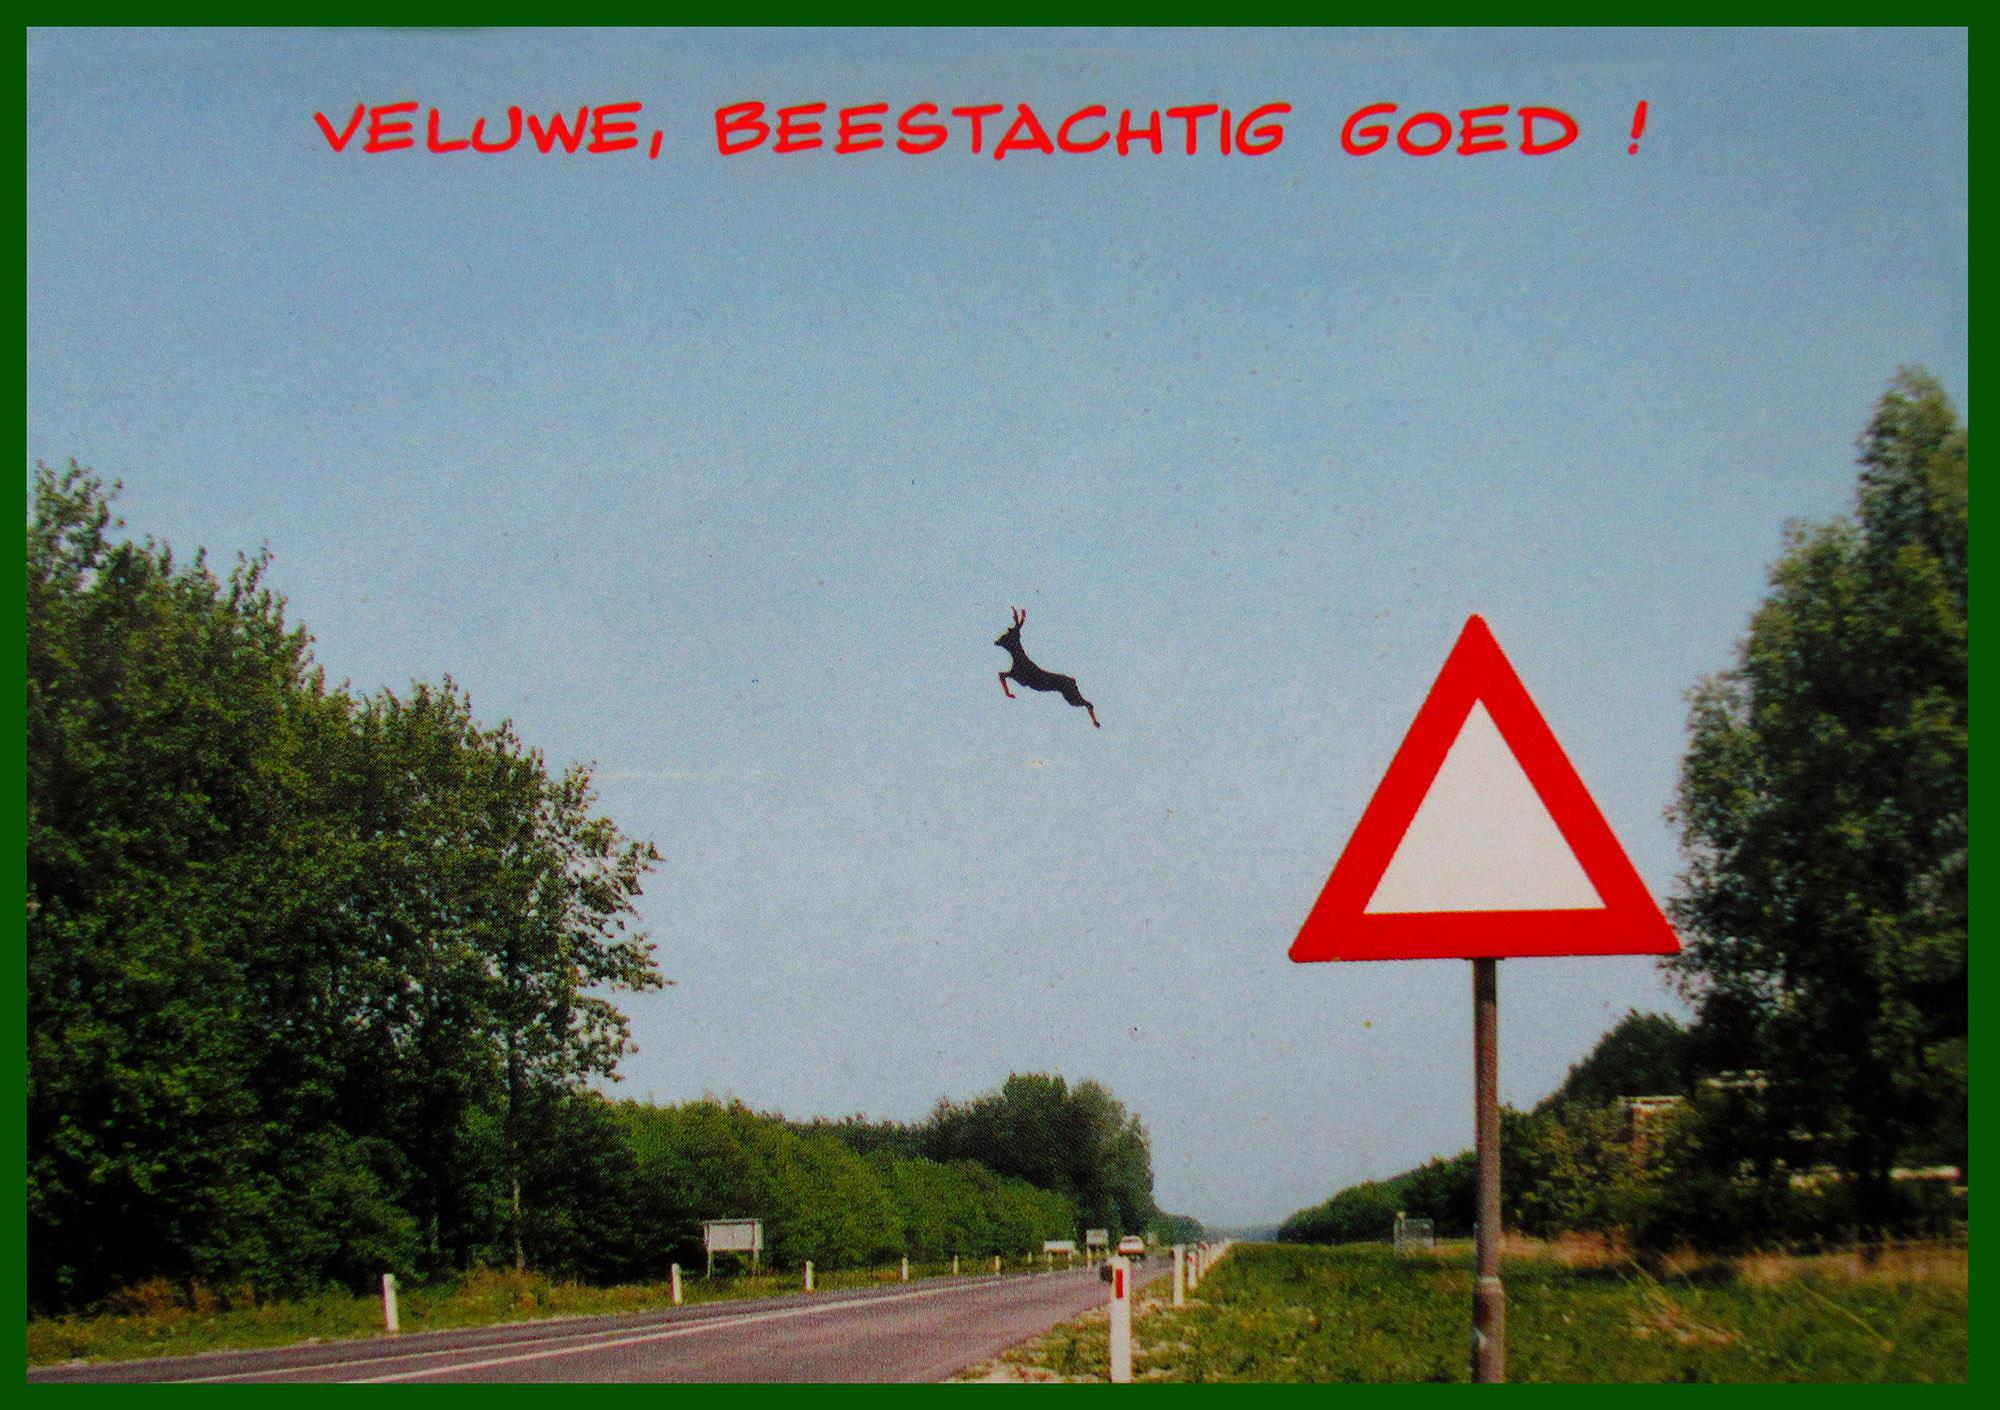 Het hert springt af het waarschuwingsbord - Ansichtkaart Veluwe